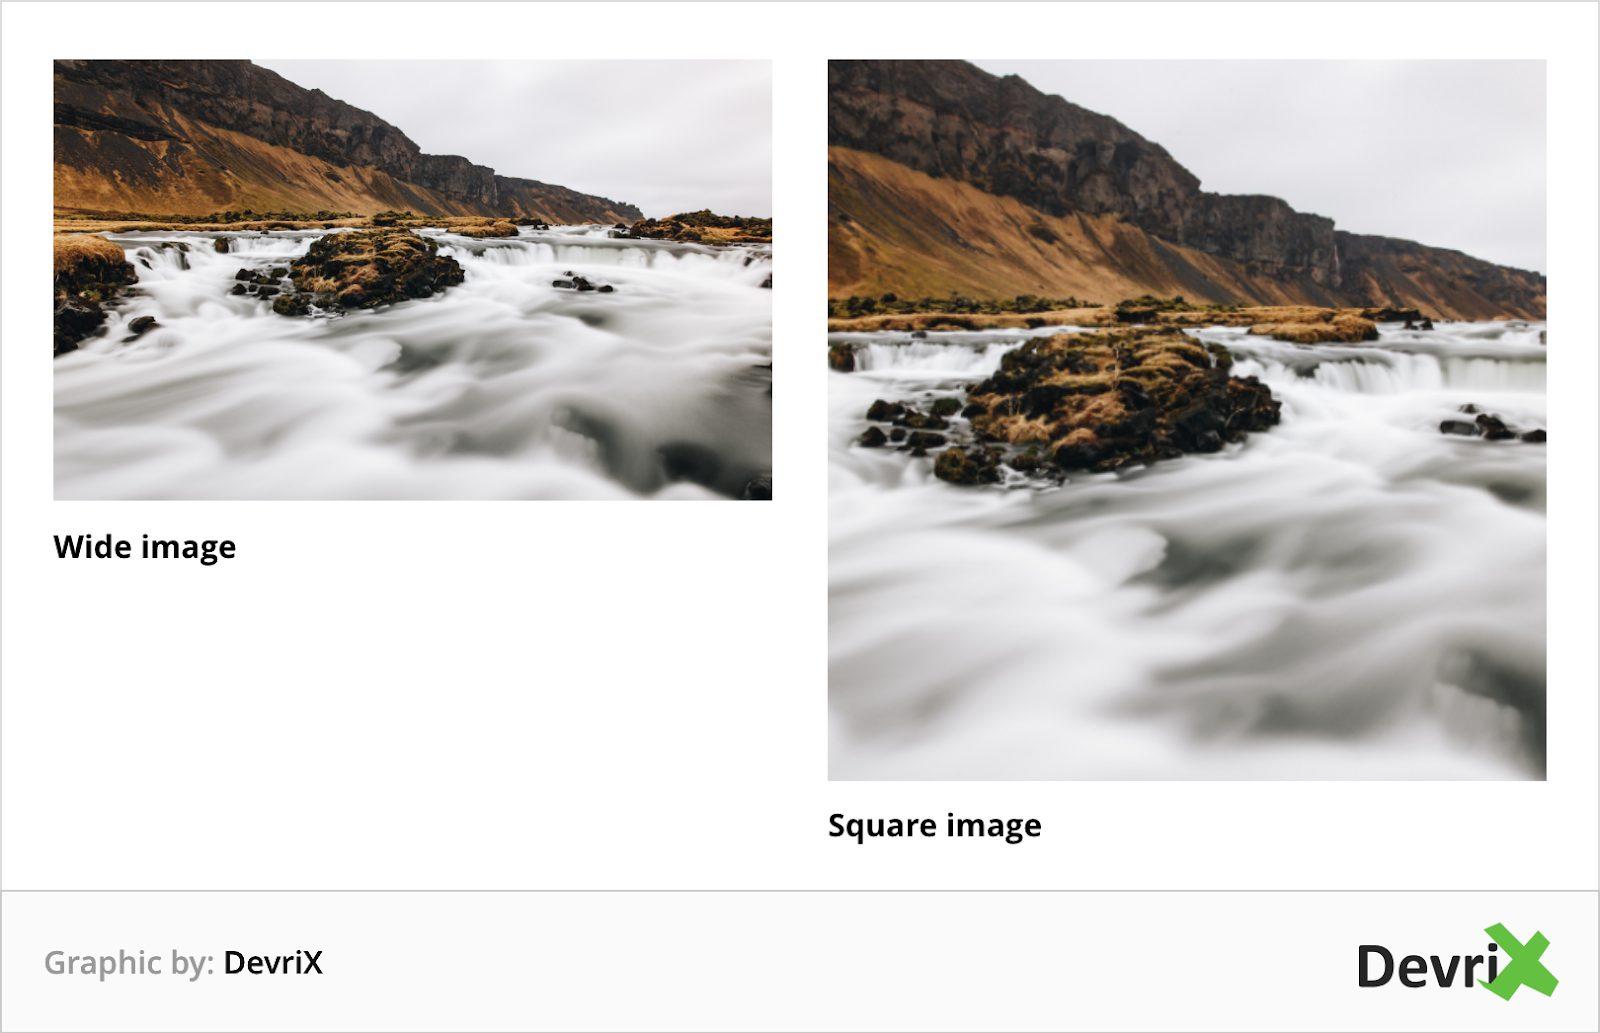 wide image vs square image